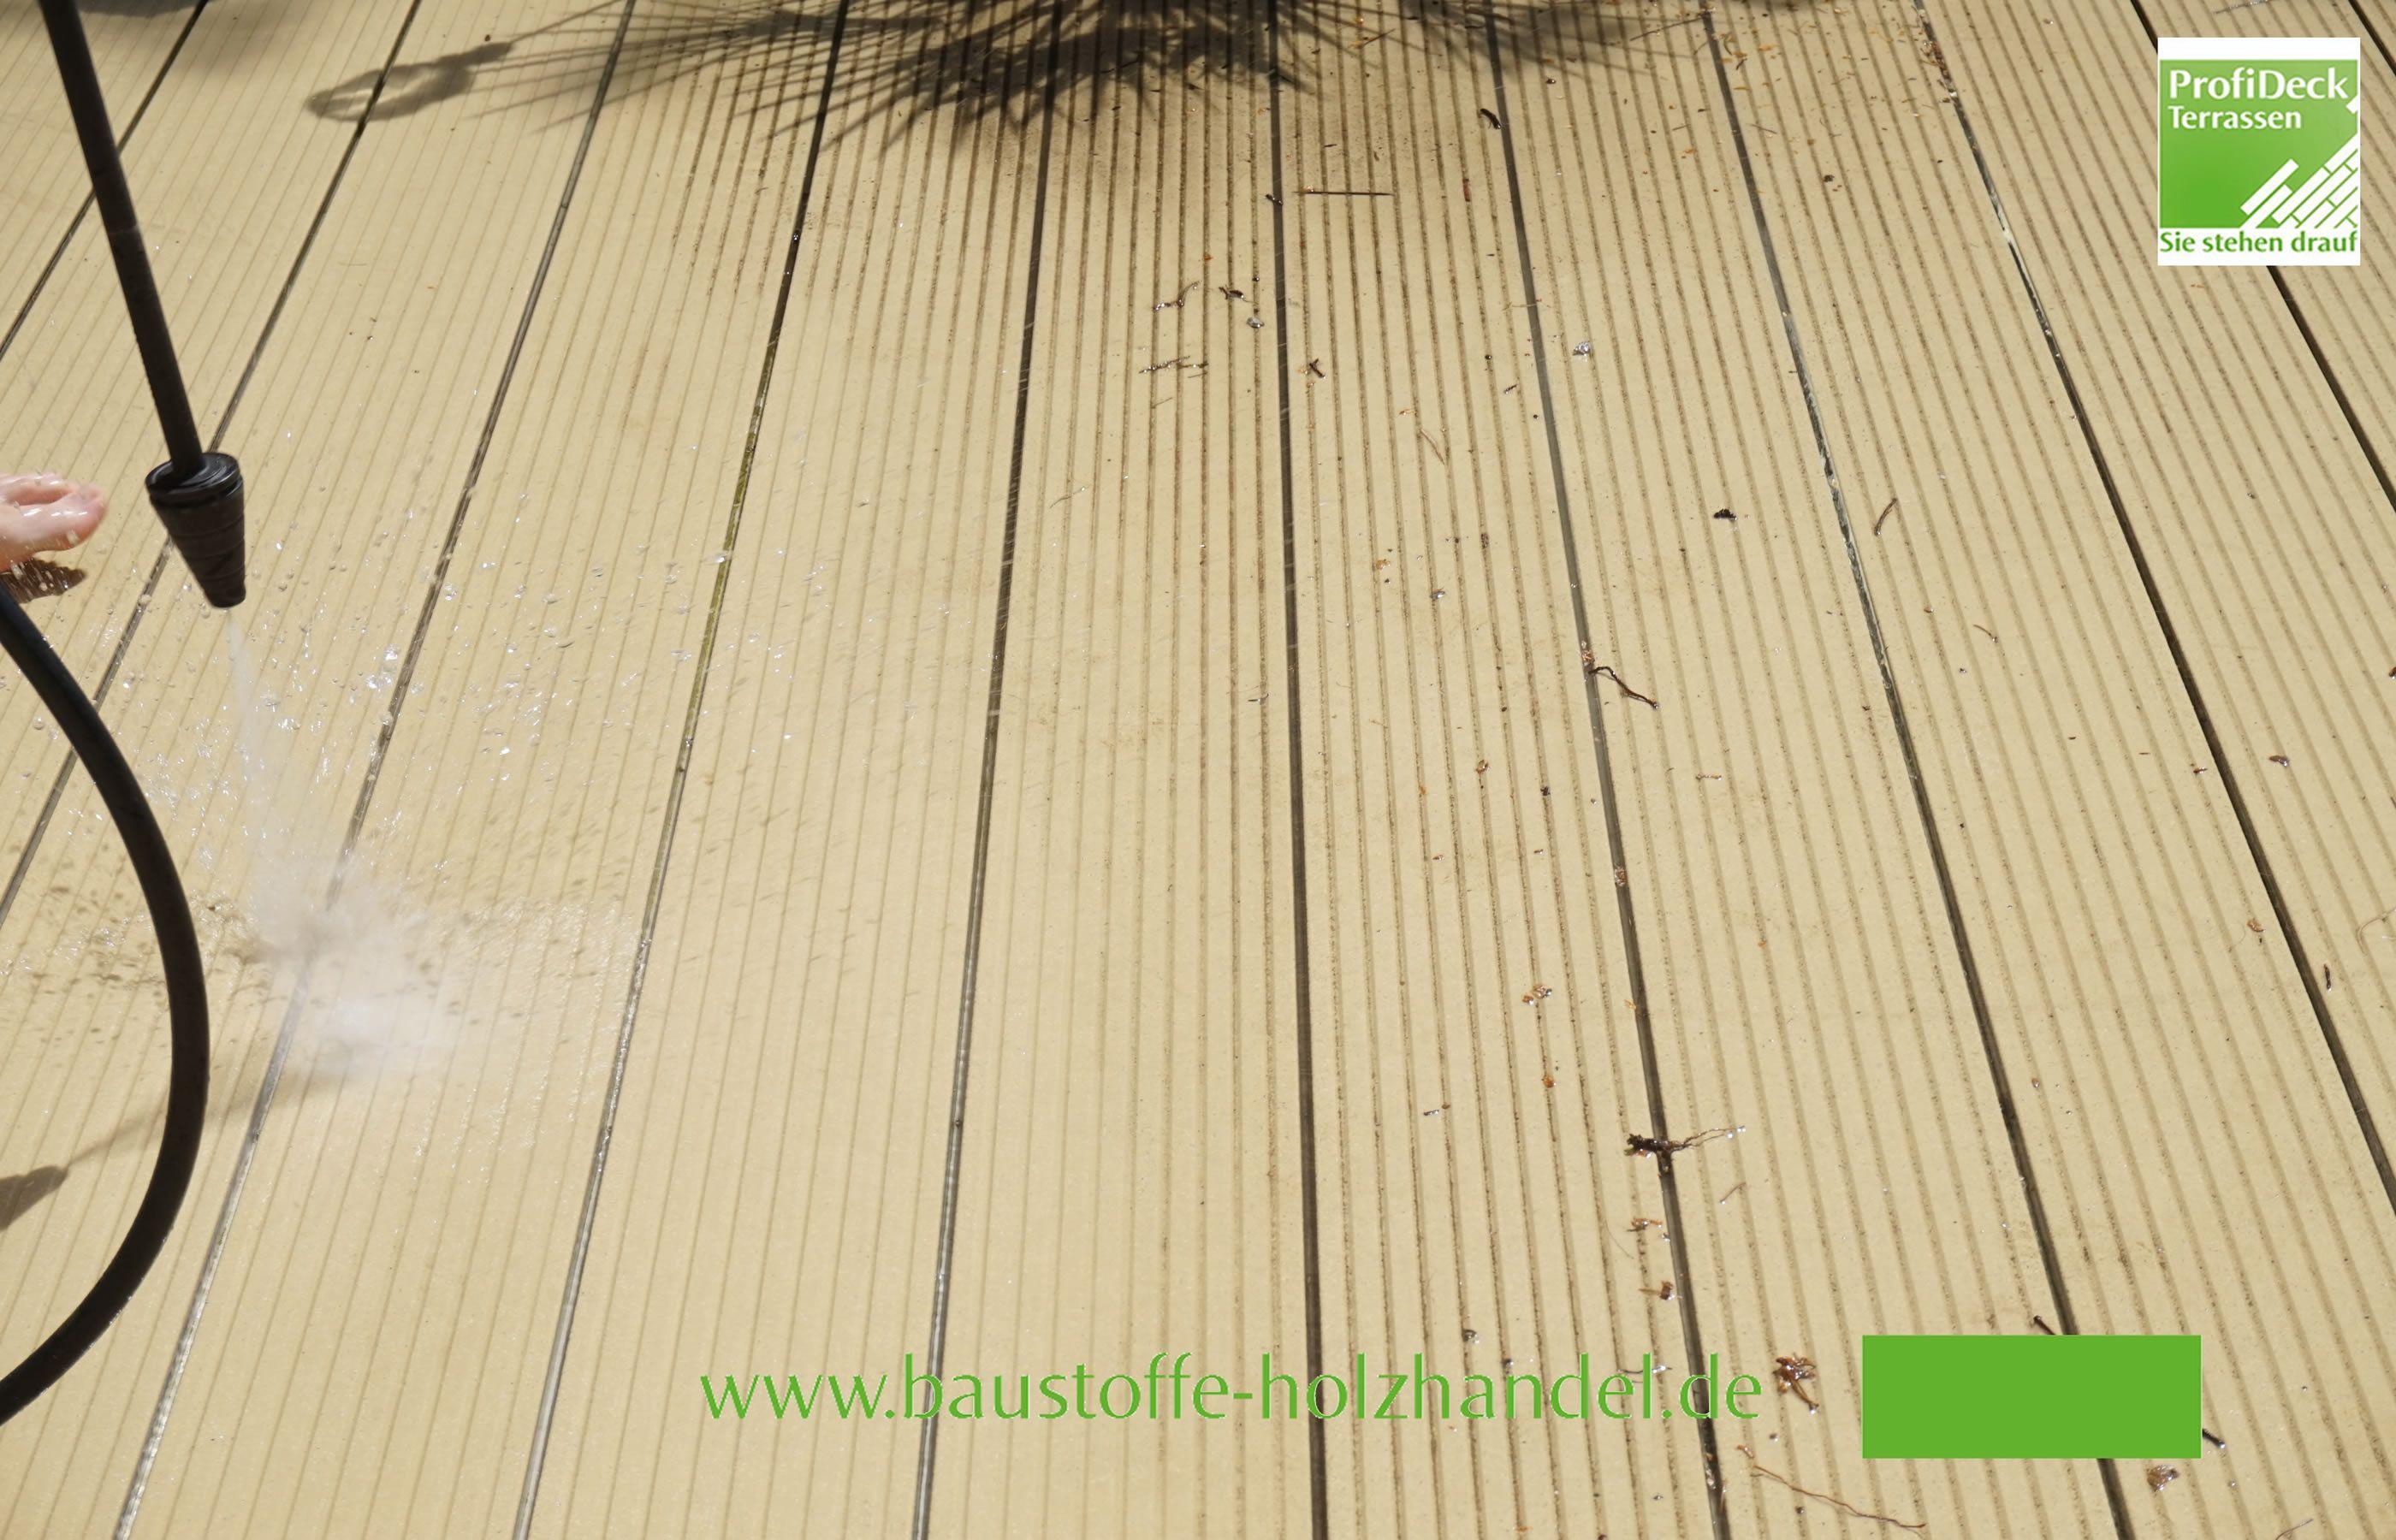 Reinigung von UPM ProFi design Deck 150 Sonnenbeige. Verlegt mit der Alurailschiene.